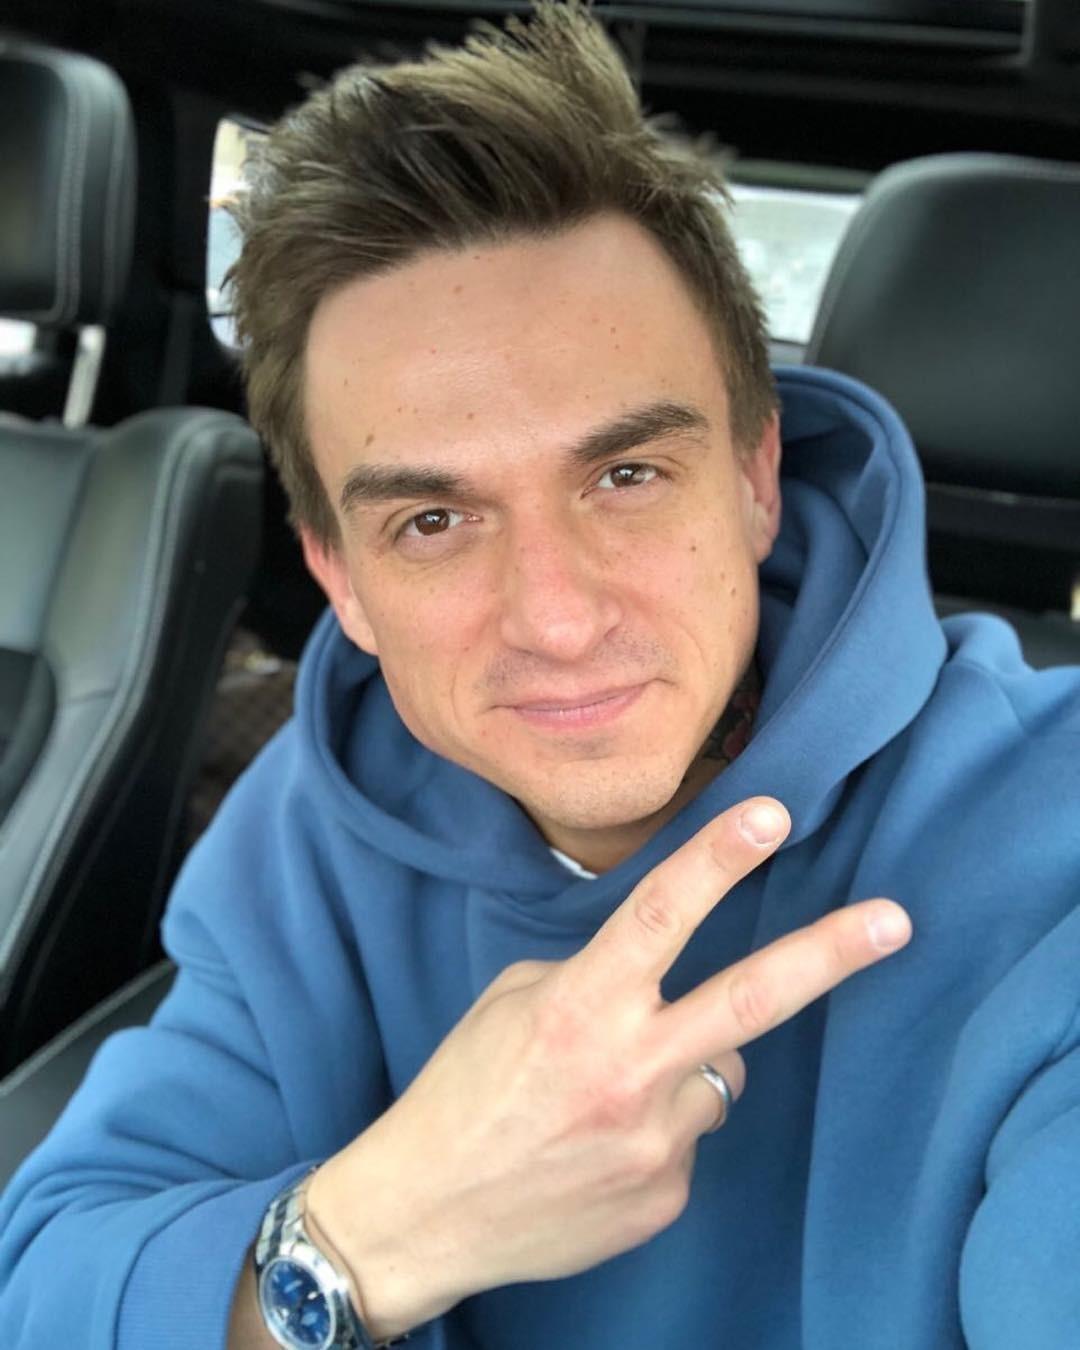 Влад Топалов бросил курить и набрал 6 килограммов